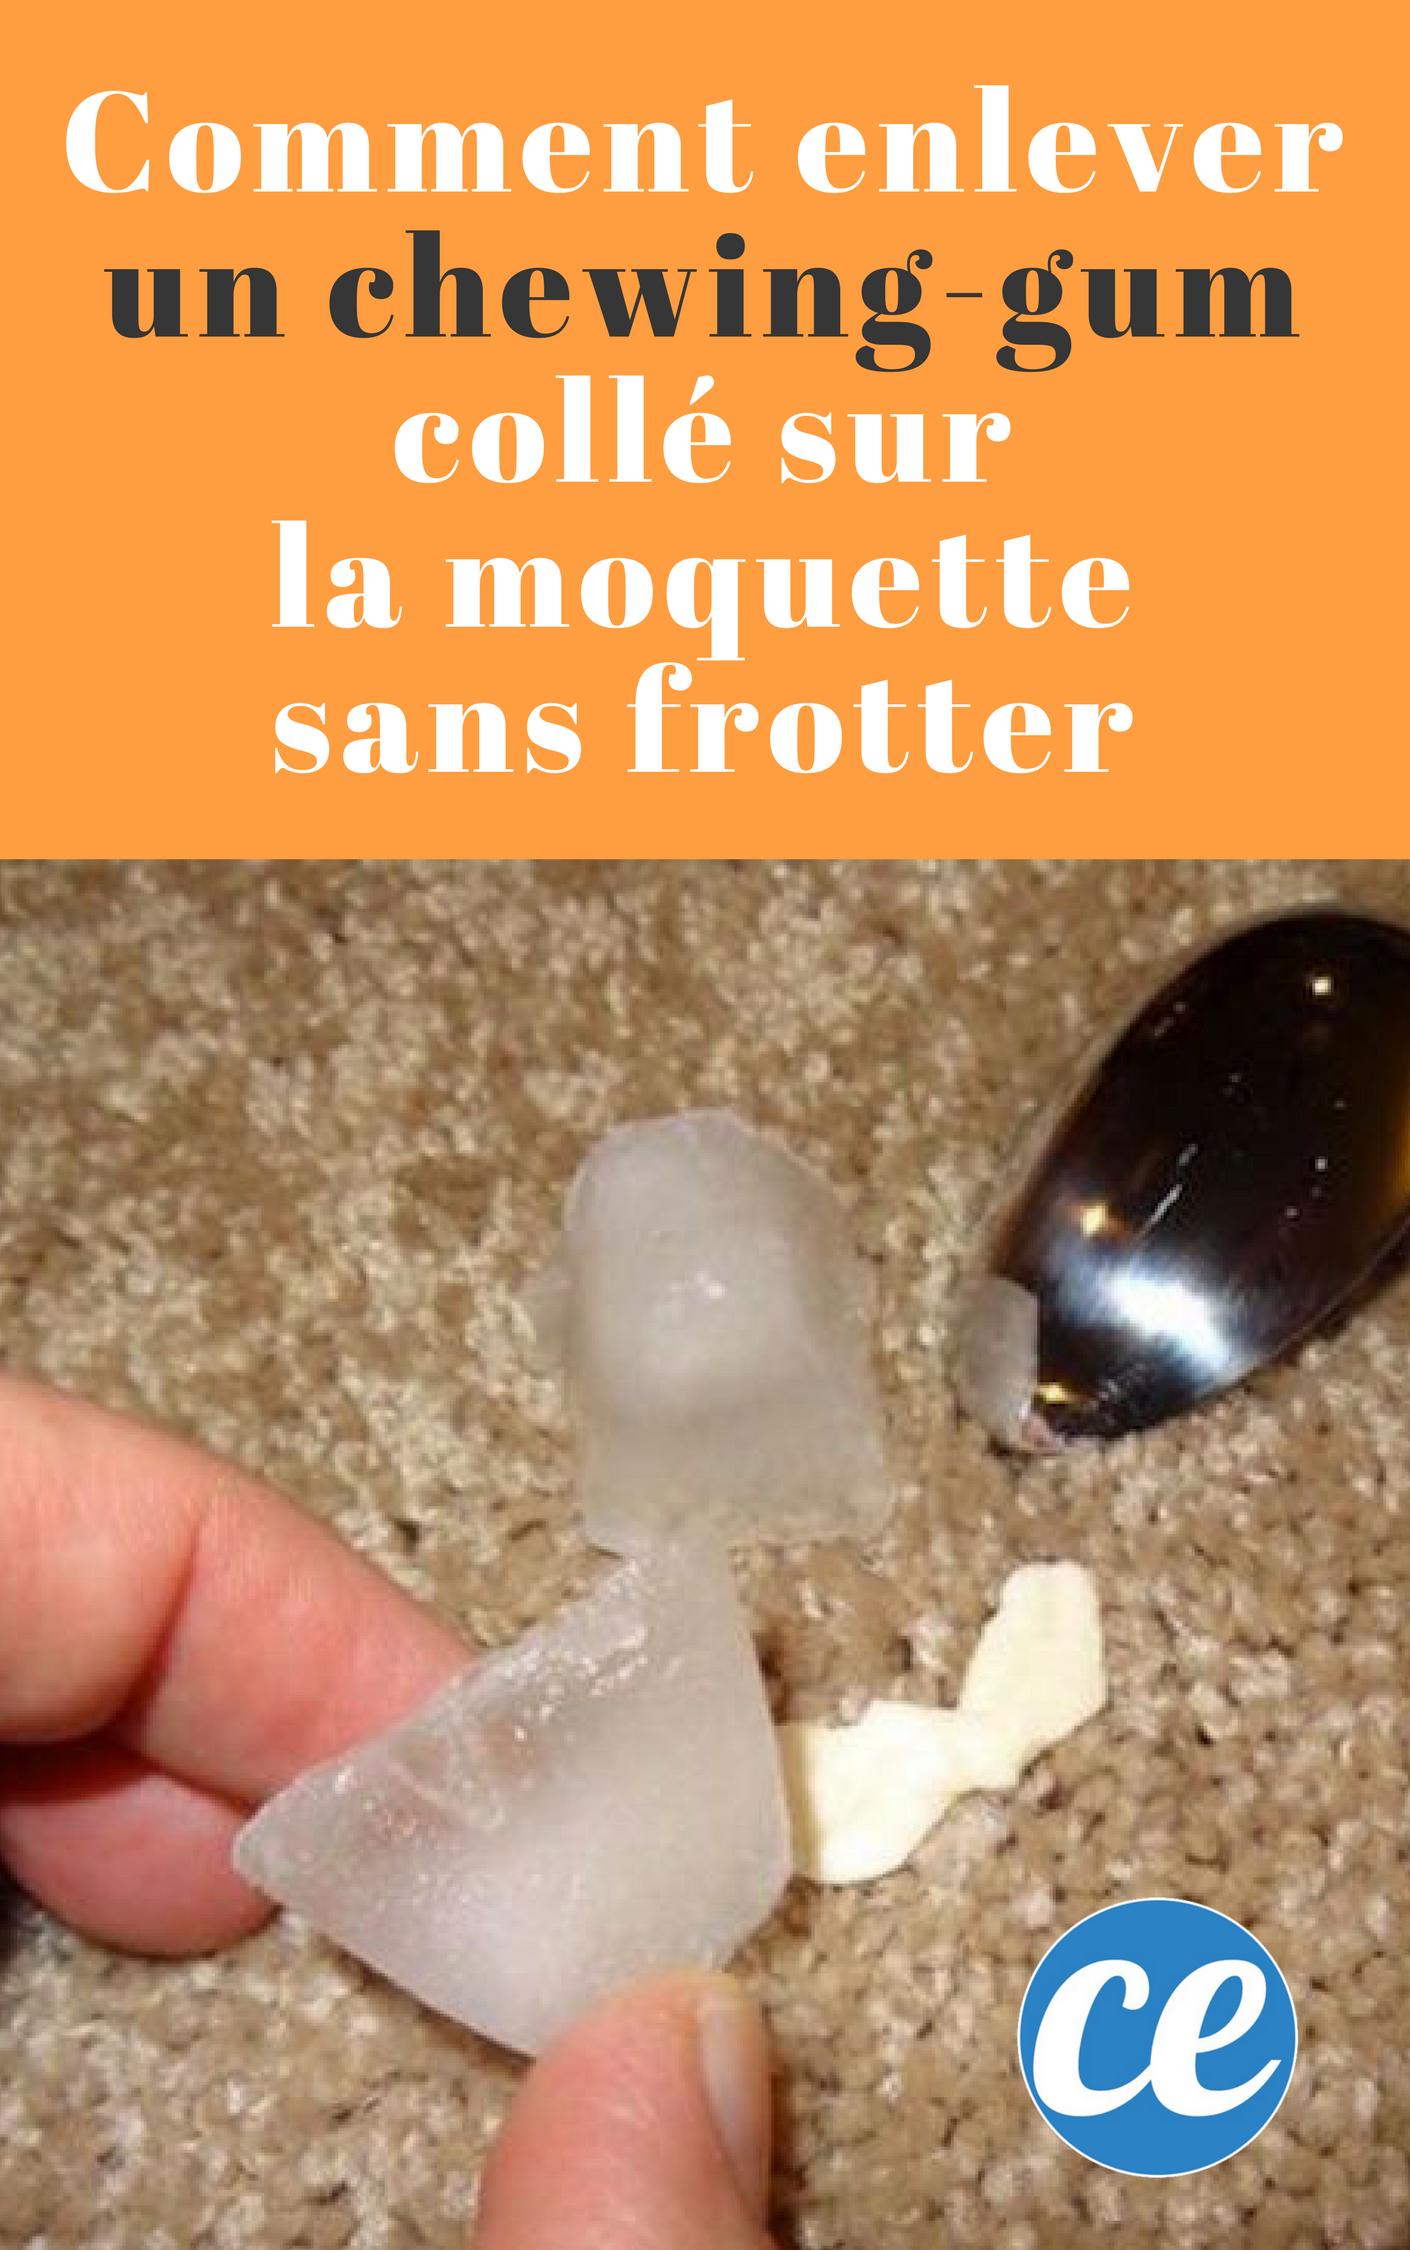 L Astuce Pour Enlever Un Chewing Gum Colle Sur La Moquette Sans Frotter Chewing Chewing Gum Enlever Chewing Gum